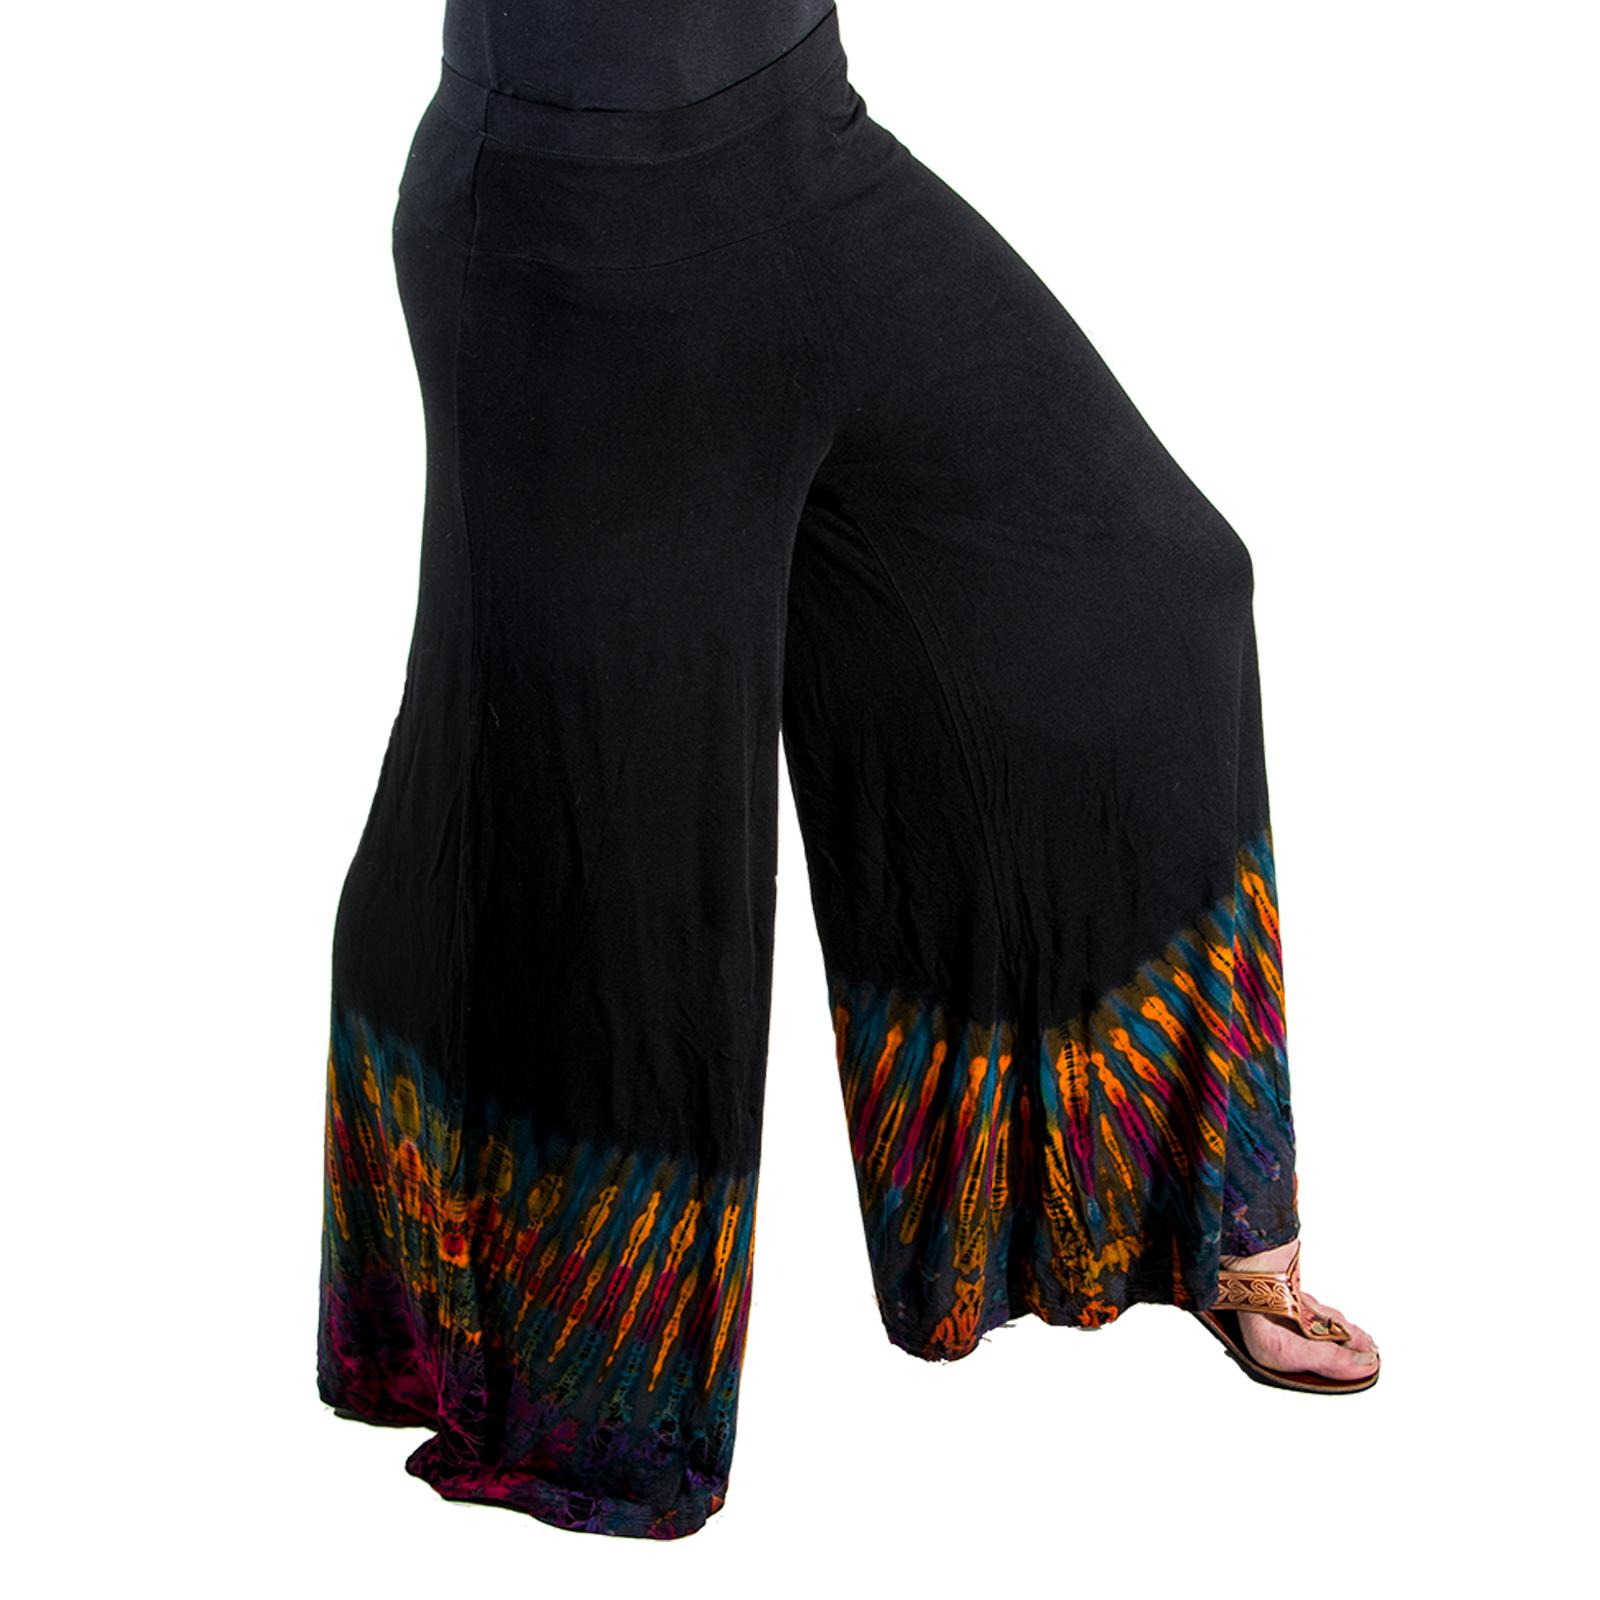 kunst und magie bunte damen tie dye batik hose hosenl nge 90 und 98cm. Black Bedroom Furniture Sets. Home Design Ideas